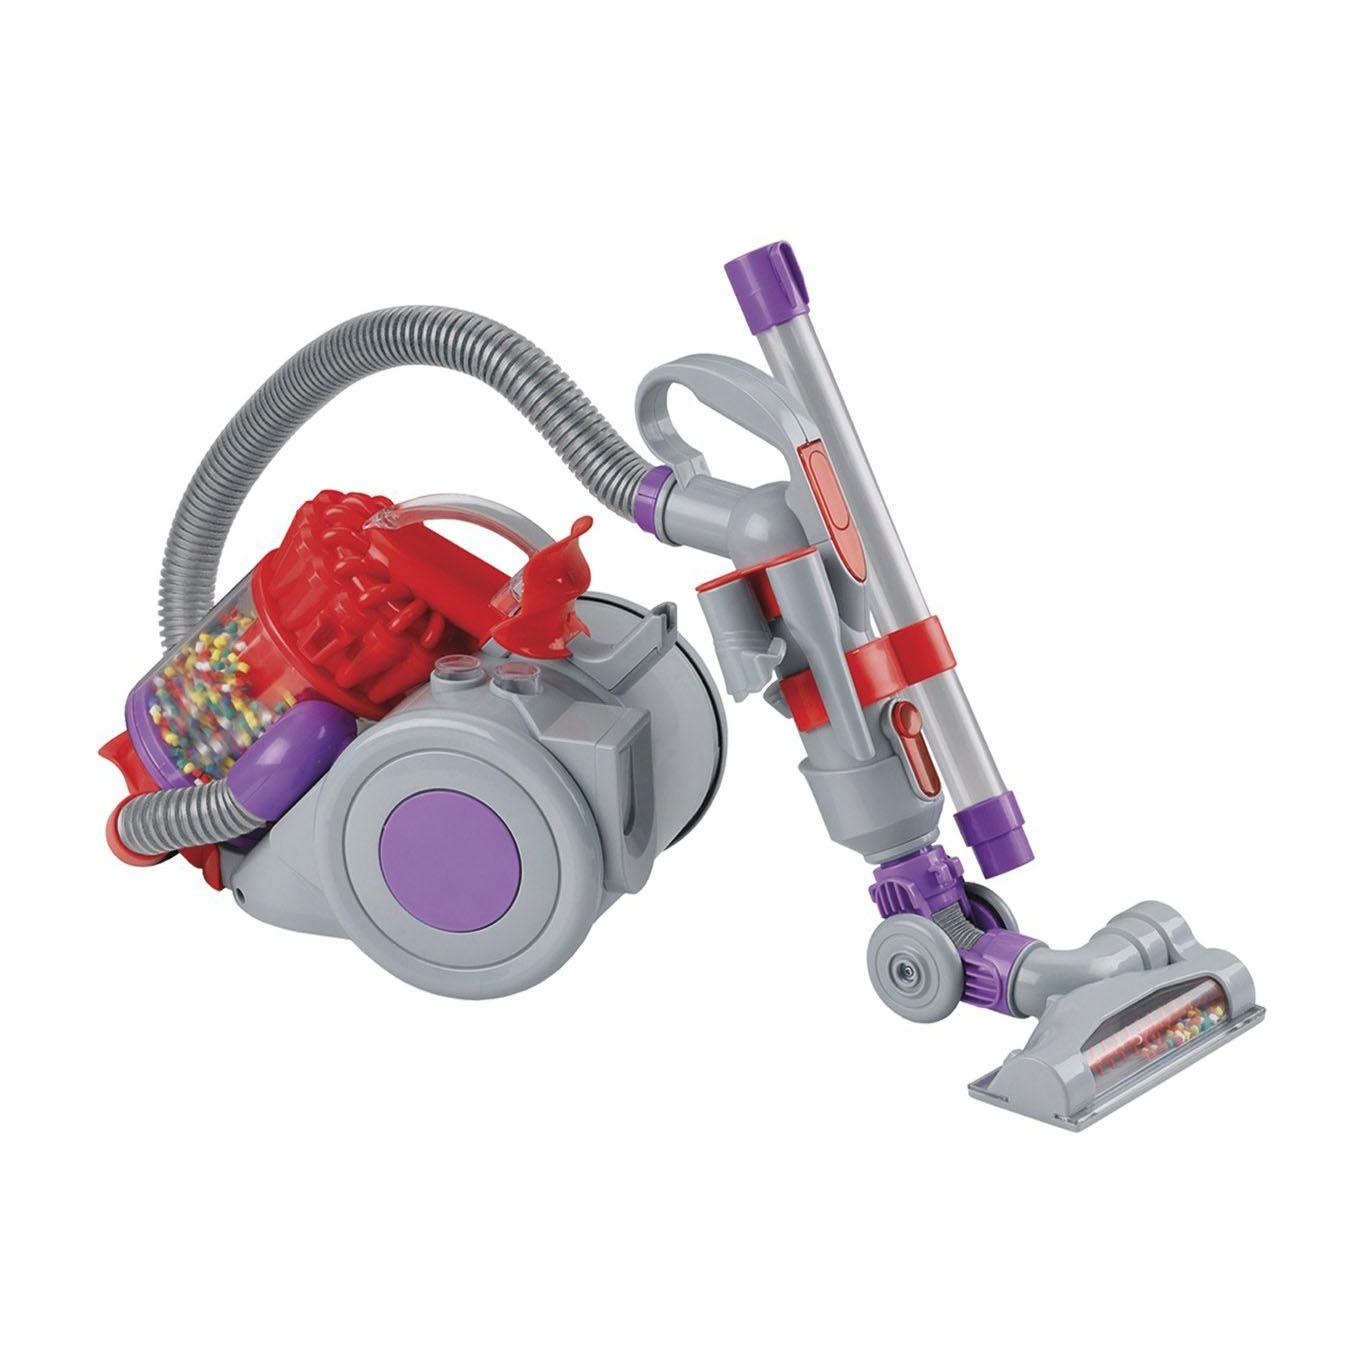 Пылесос детский дайсон dyson stowaway dc21 vacuum